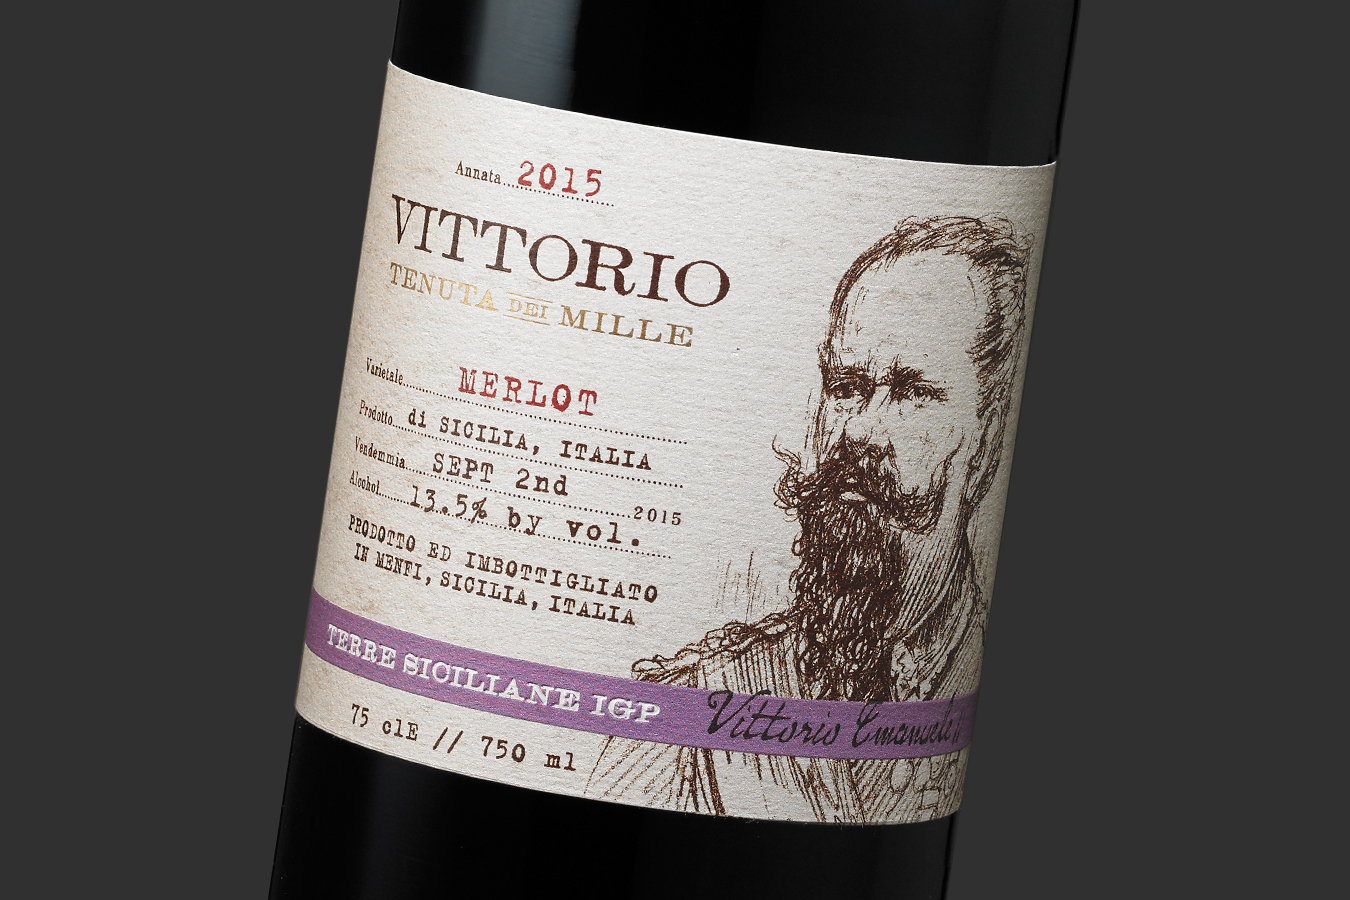 Tenuta Dei Mille Vittorio Closeup.jpg